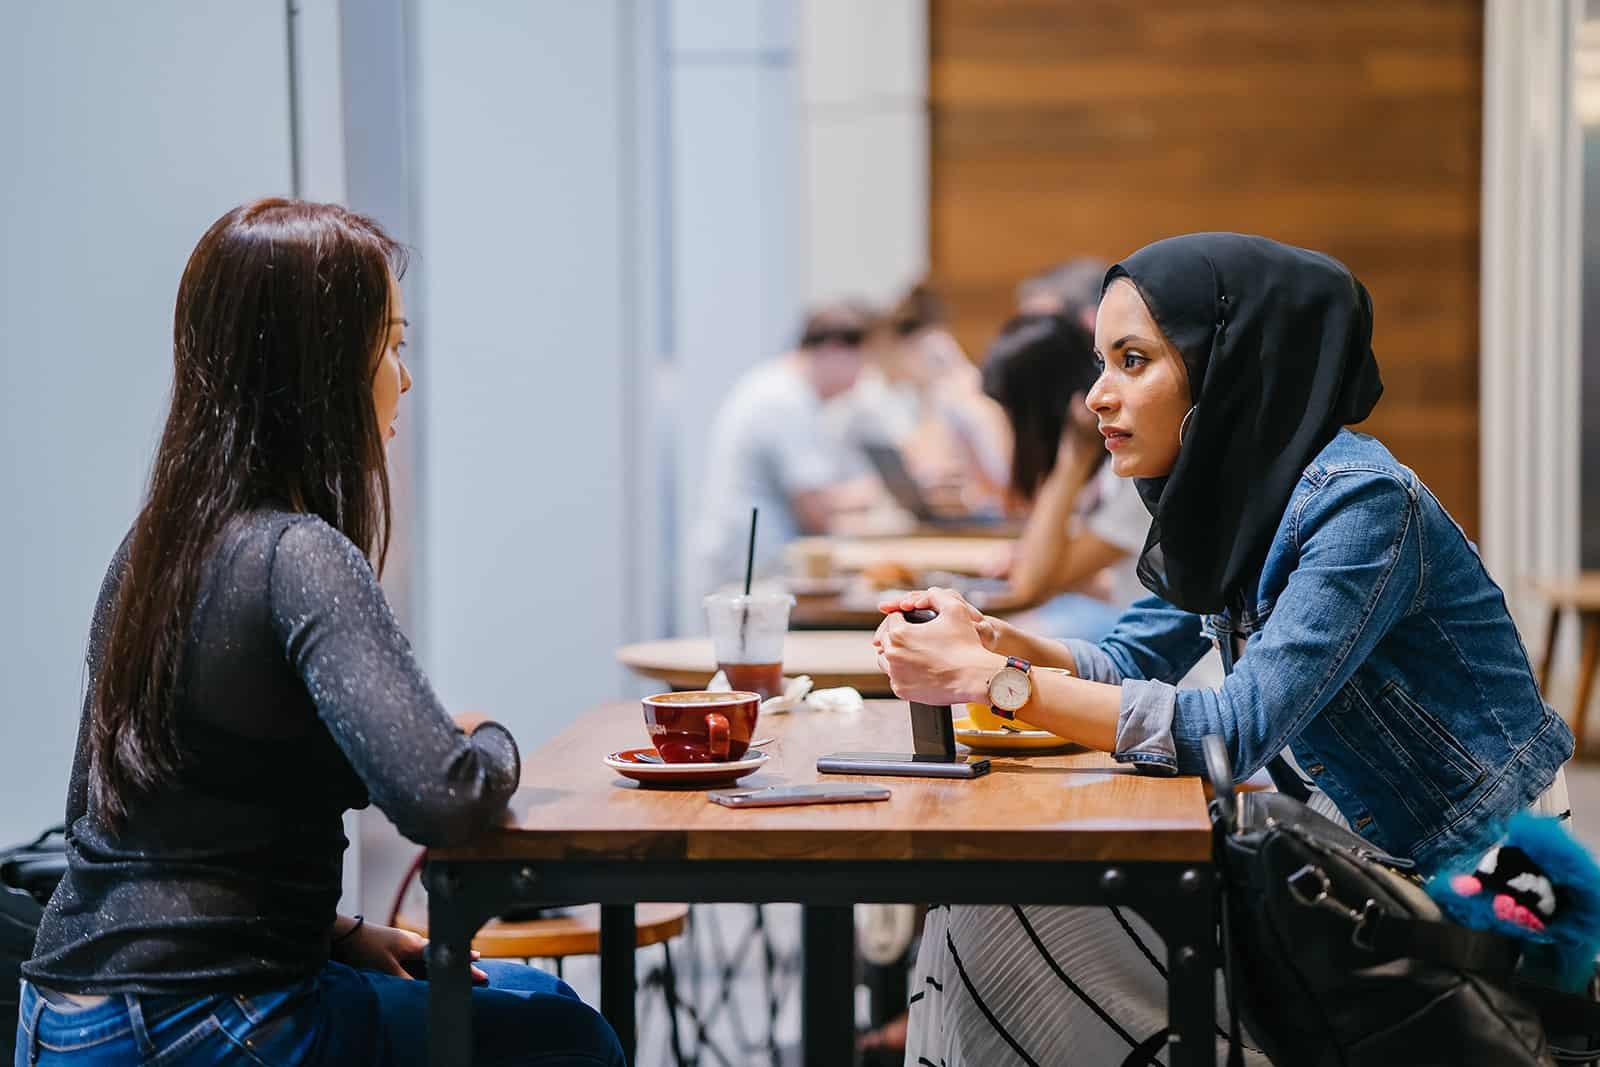 ernsthafte Frau im Gespräch mit einer Freundin im Café